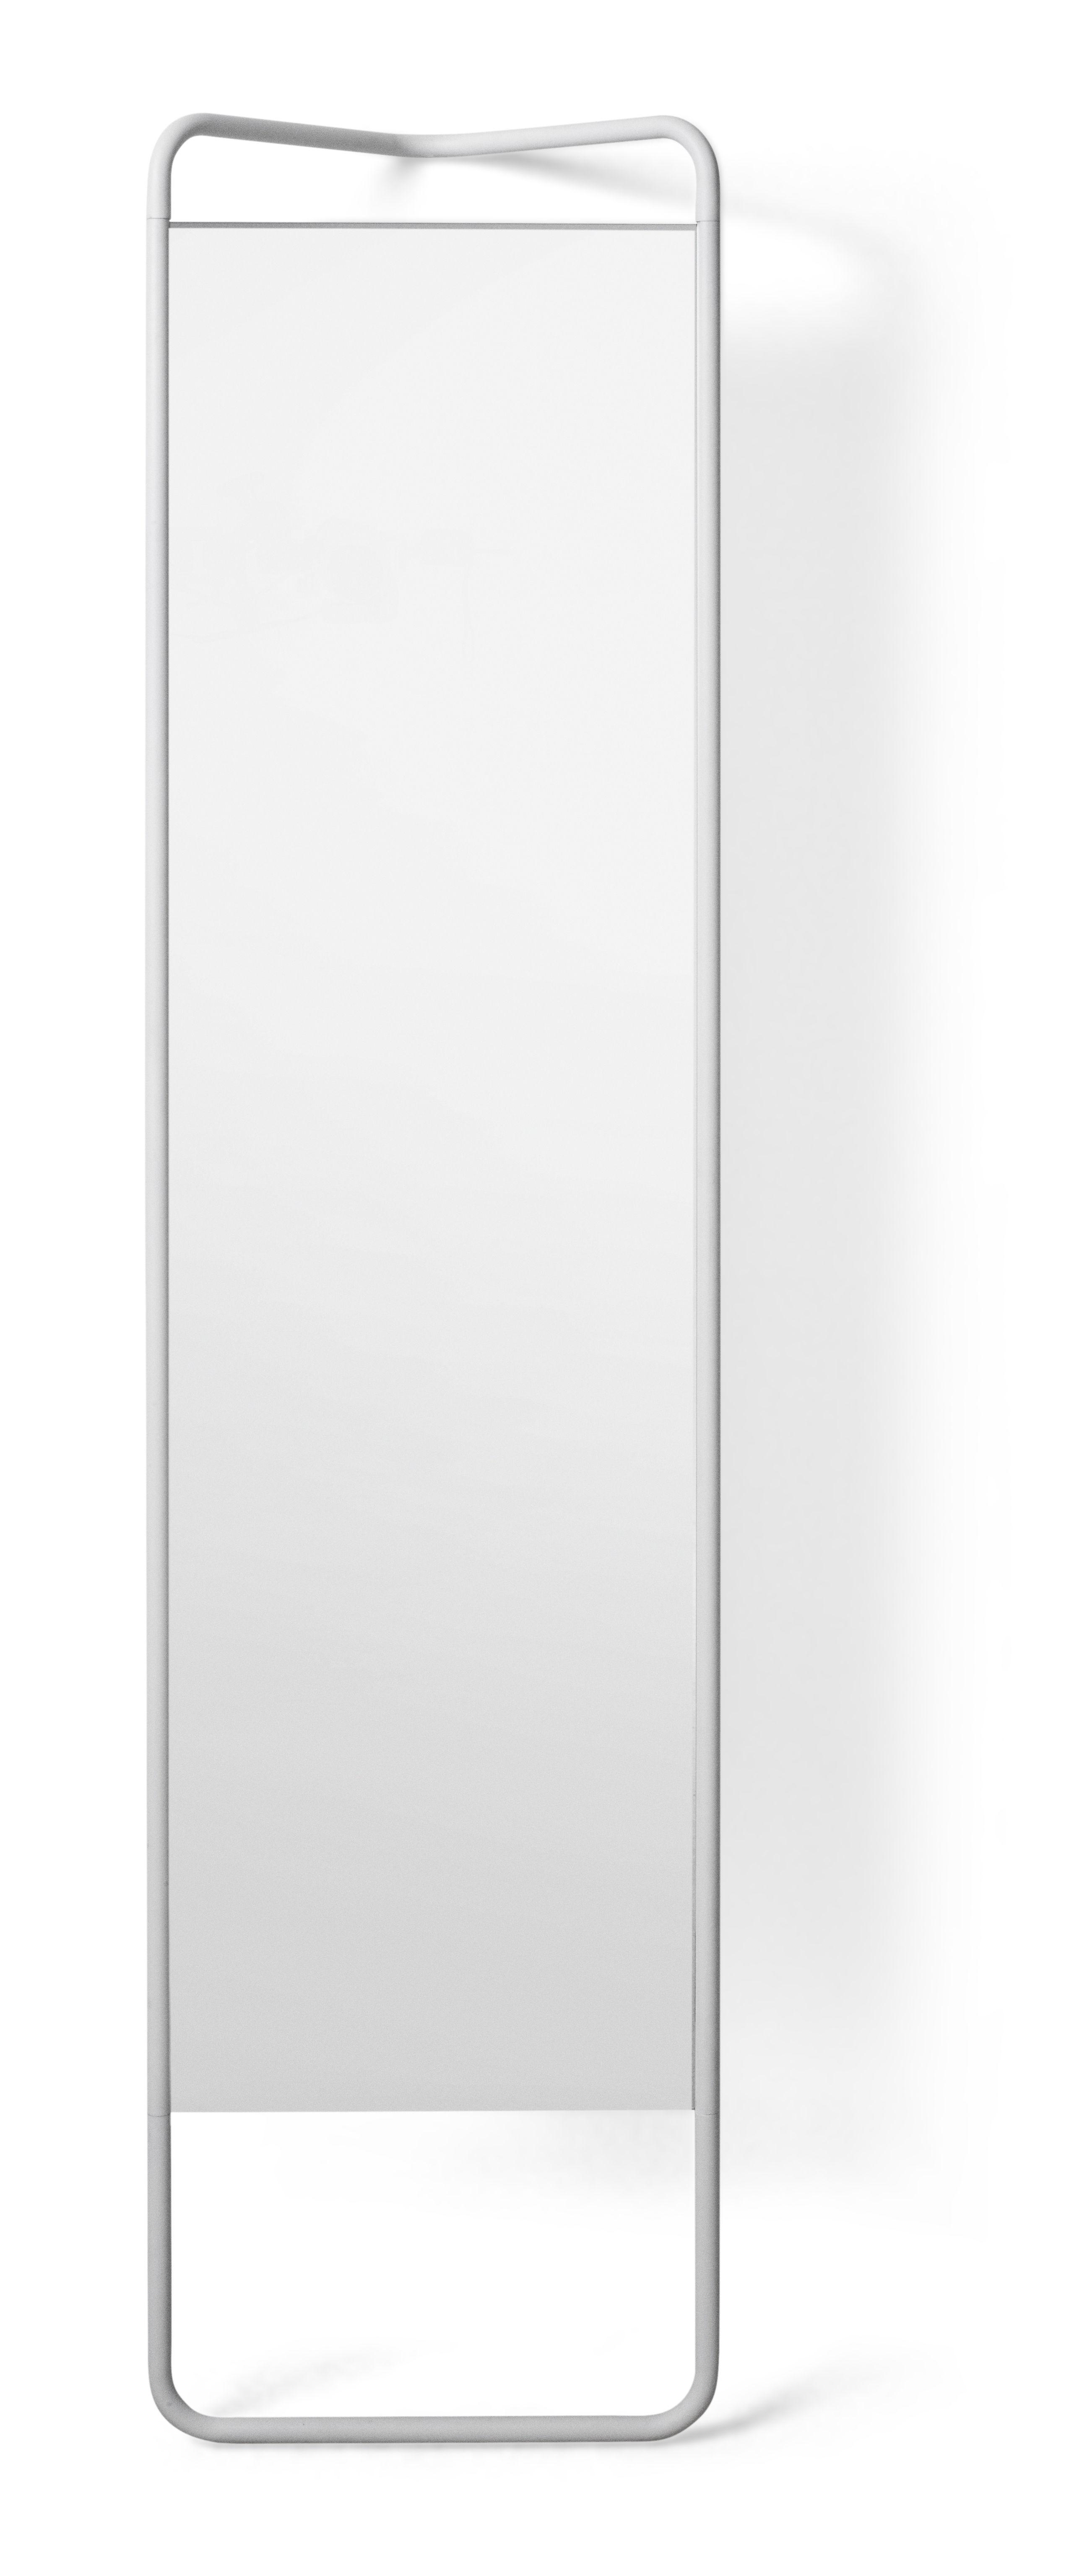 Déco - Miroirs - Miroir sur pied Kaschkasch / à poser - L 42 x H 175 cm - Menu - Blanc - Aluminium laqué, Verre